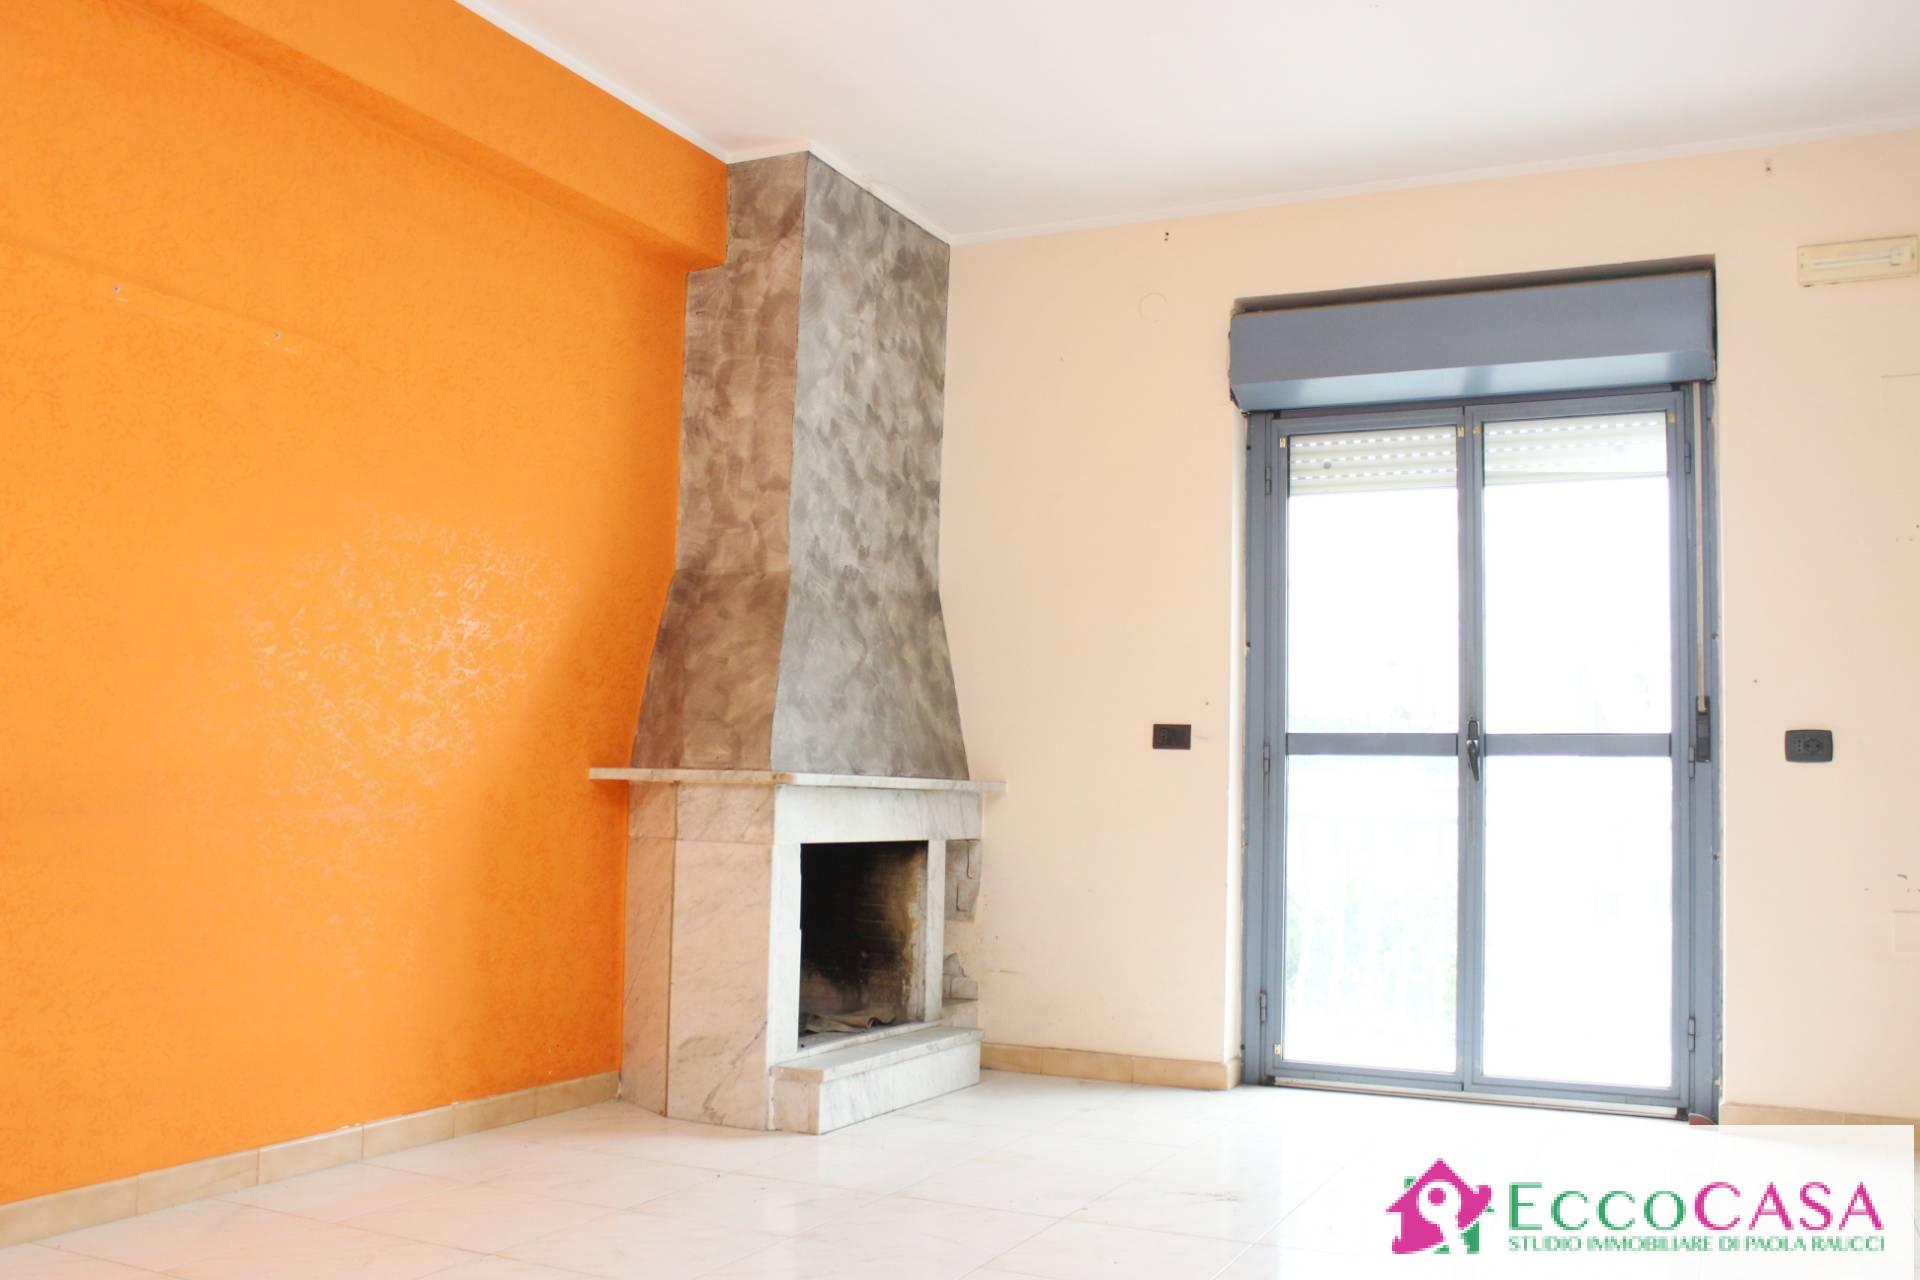 Appartamento in vendita a Maddaloni, 3 locali, prezzo € 115.000   CambioCasa.it